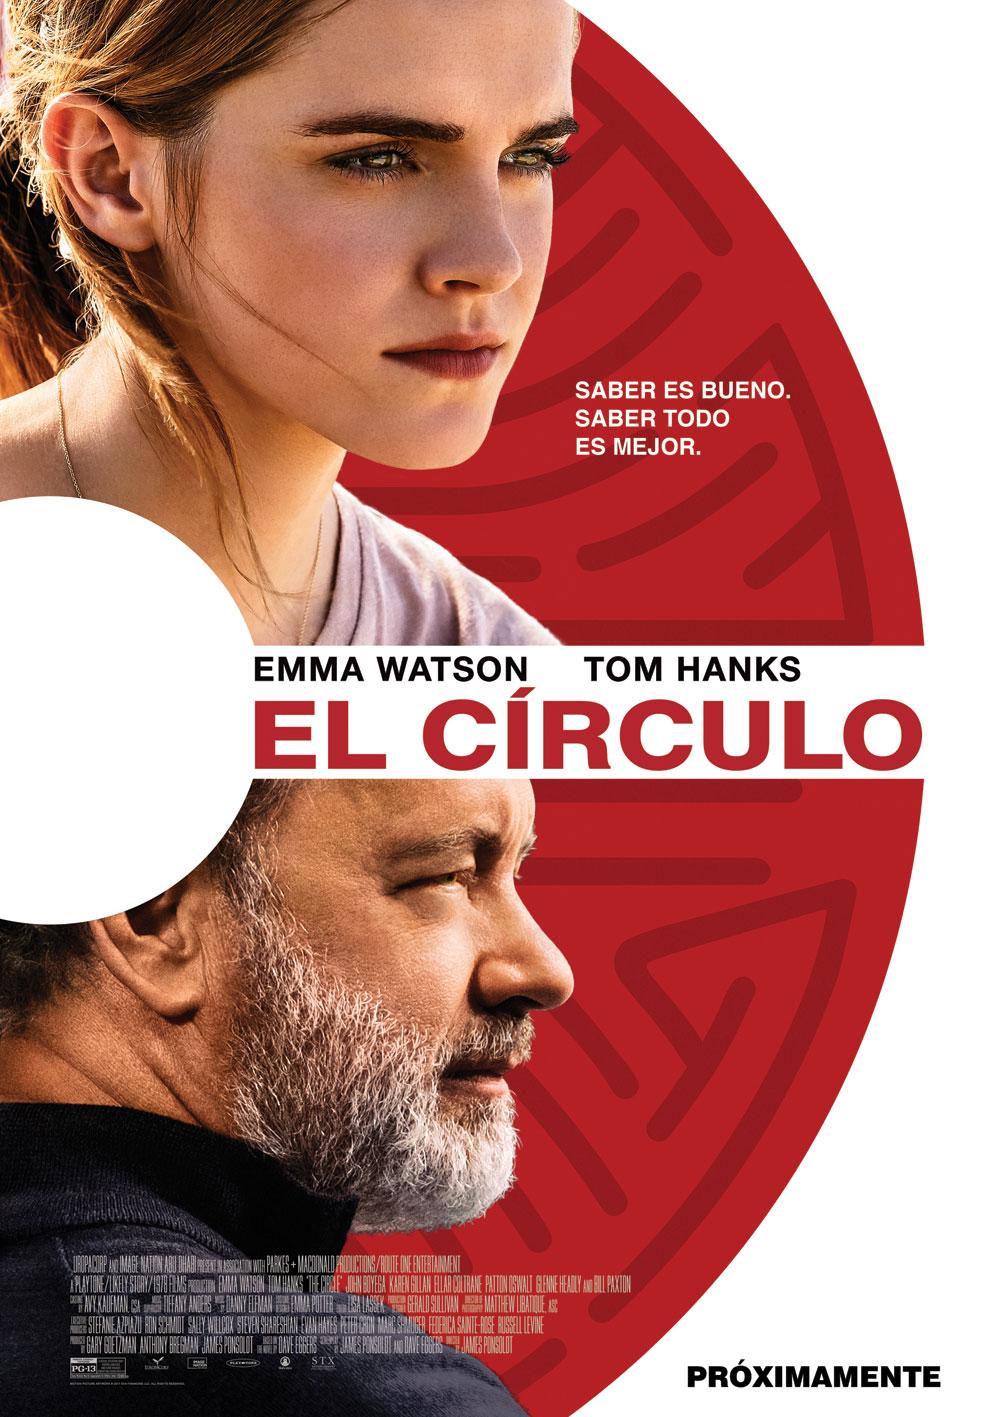 http://www.andesfilms.com.pe/el-circulo/